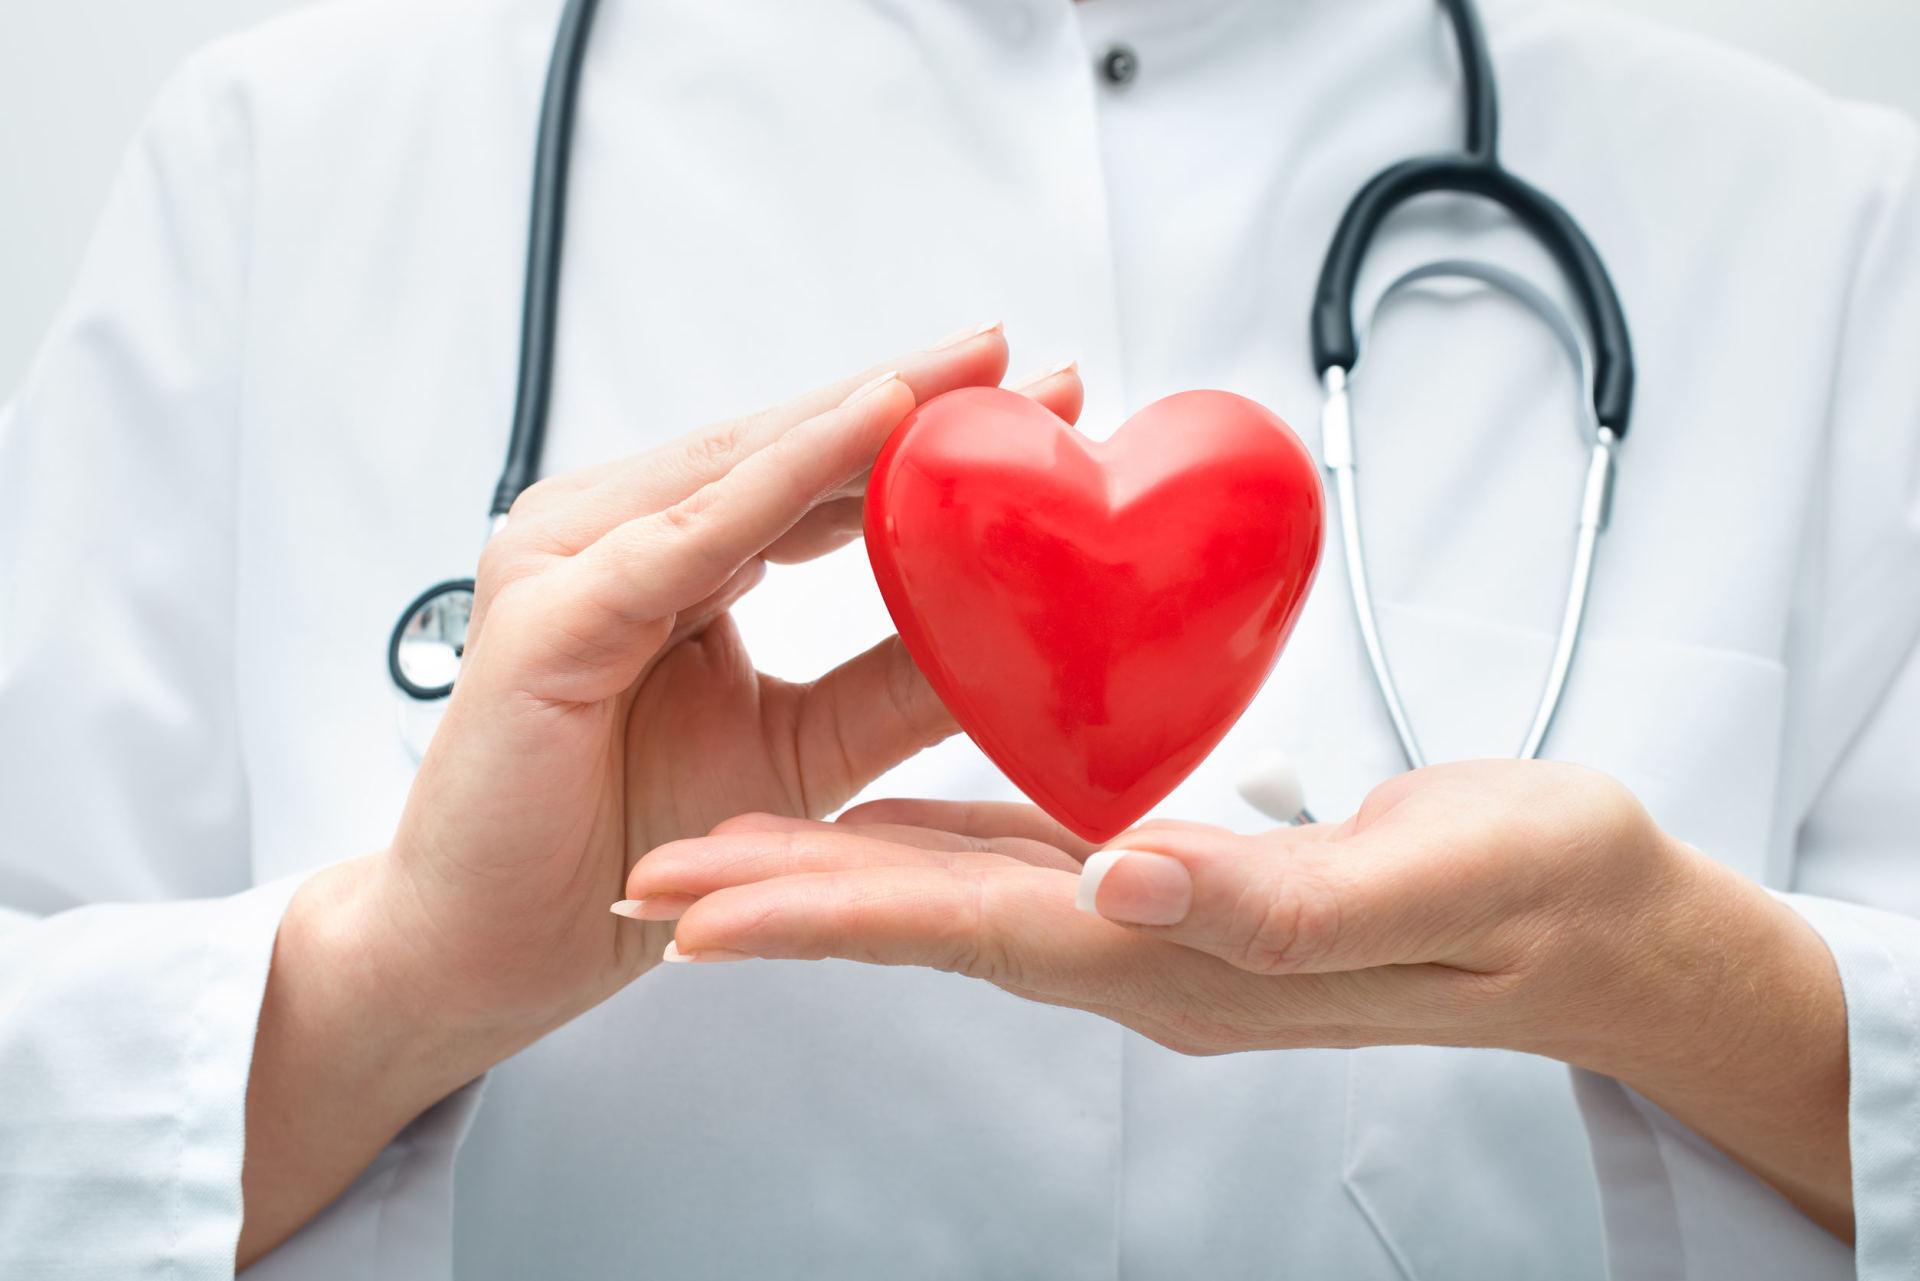 geresnei širdies sveikatai mankštintis sunkiau, ne ilgiau yra išgydoma hipertenzija